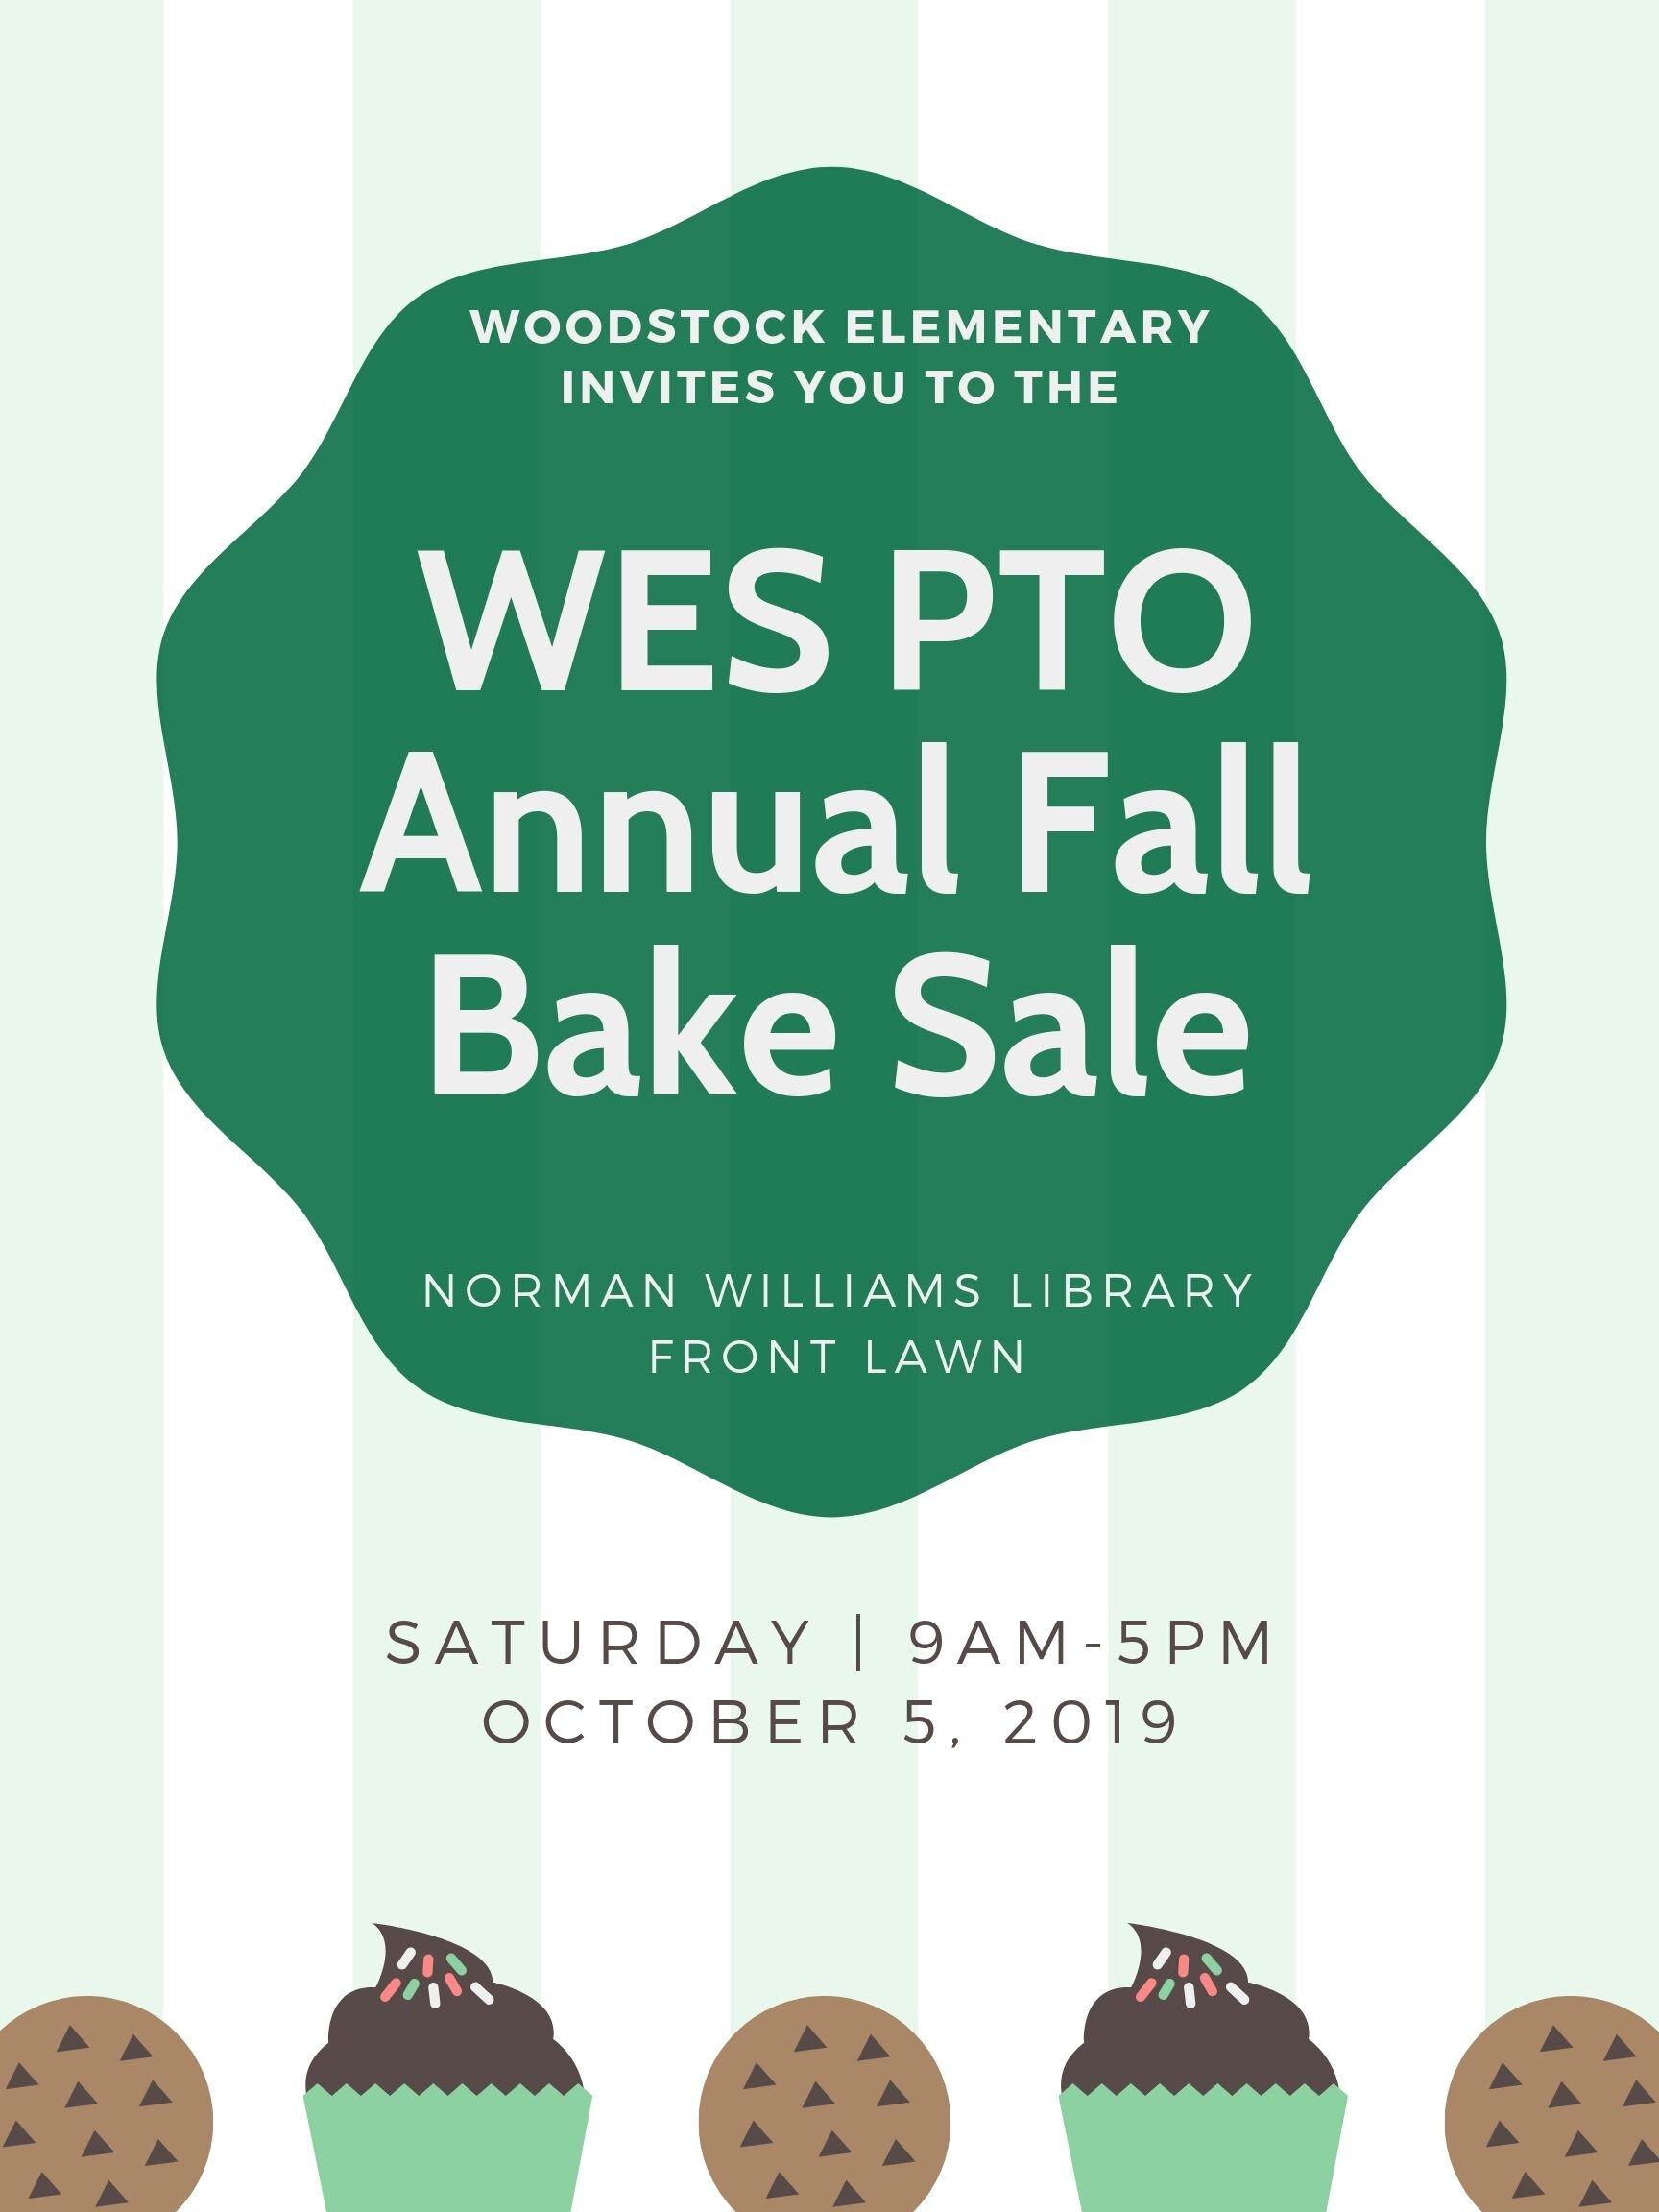 Woodstock Bake Sale.jpg